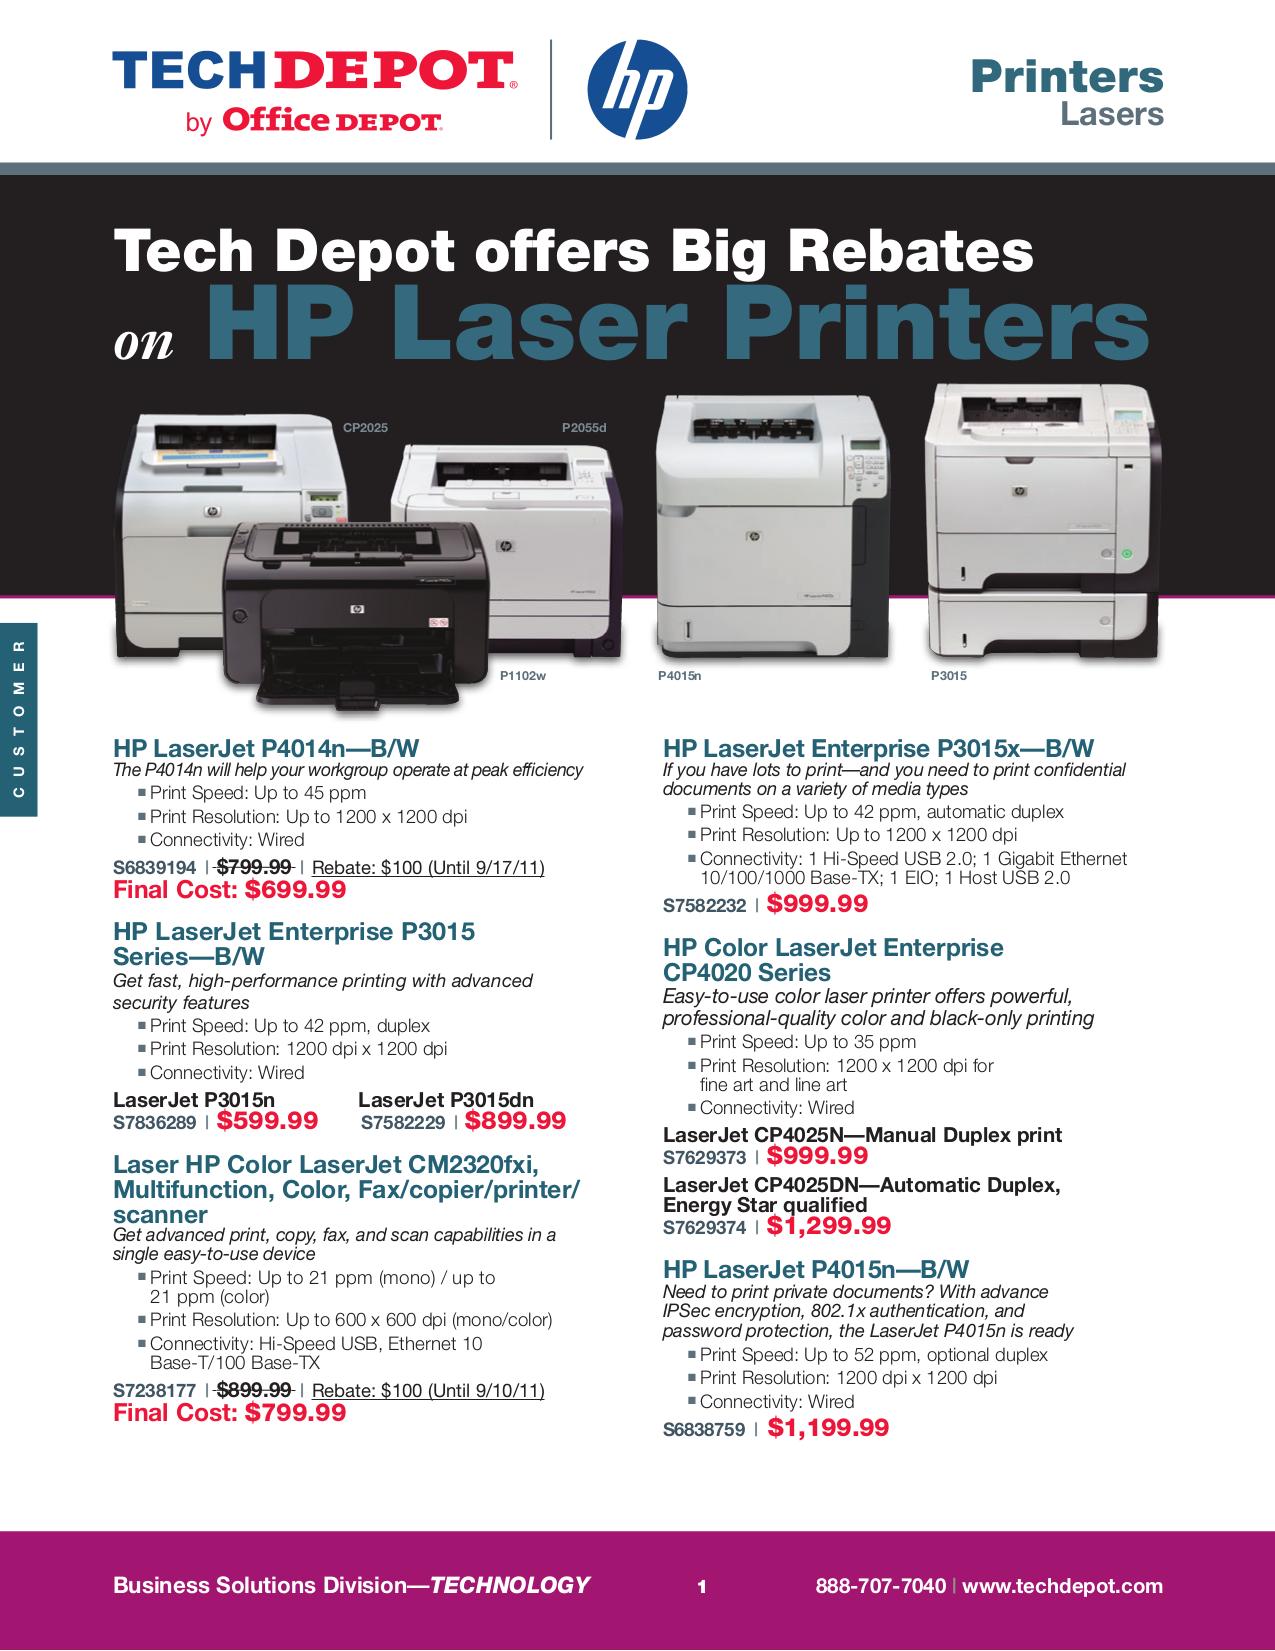 pdf for HP Printer Laserjet,Color Laserjet CP2025dn manual